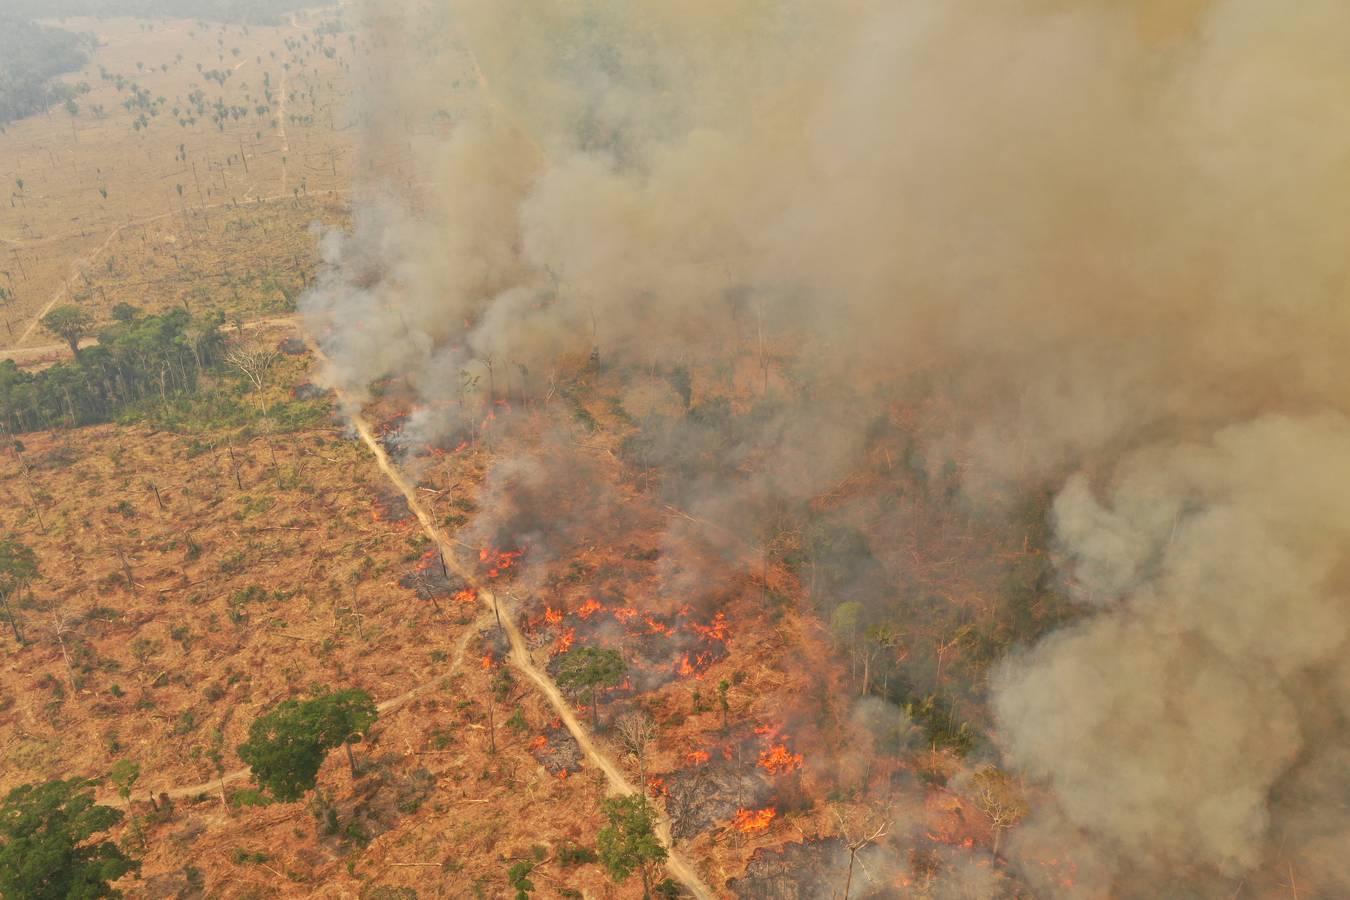 Brände im Amazonas: Die Lage in Brasilien und Bolivien ist dramatisch. (© Michael Dantas / WWF Brasilien)